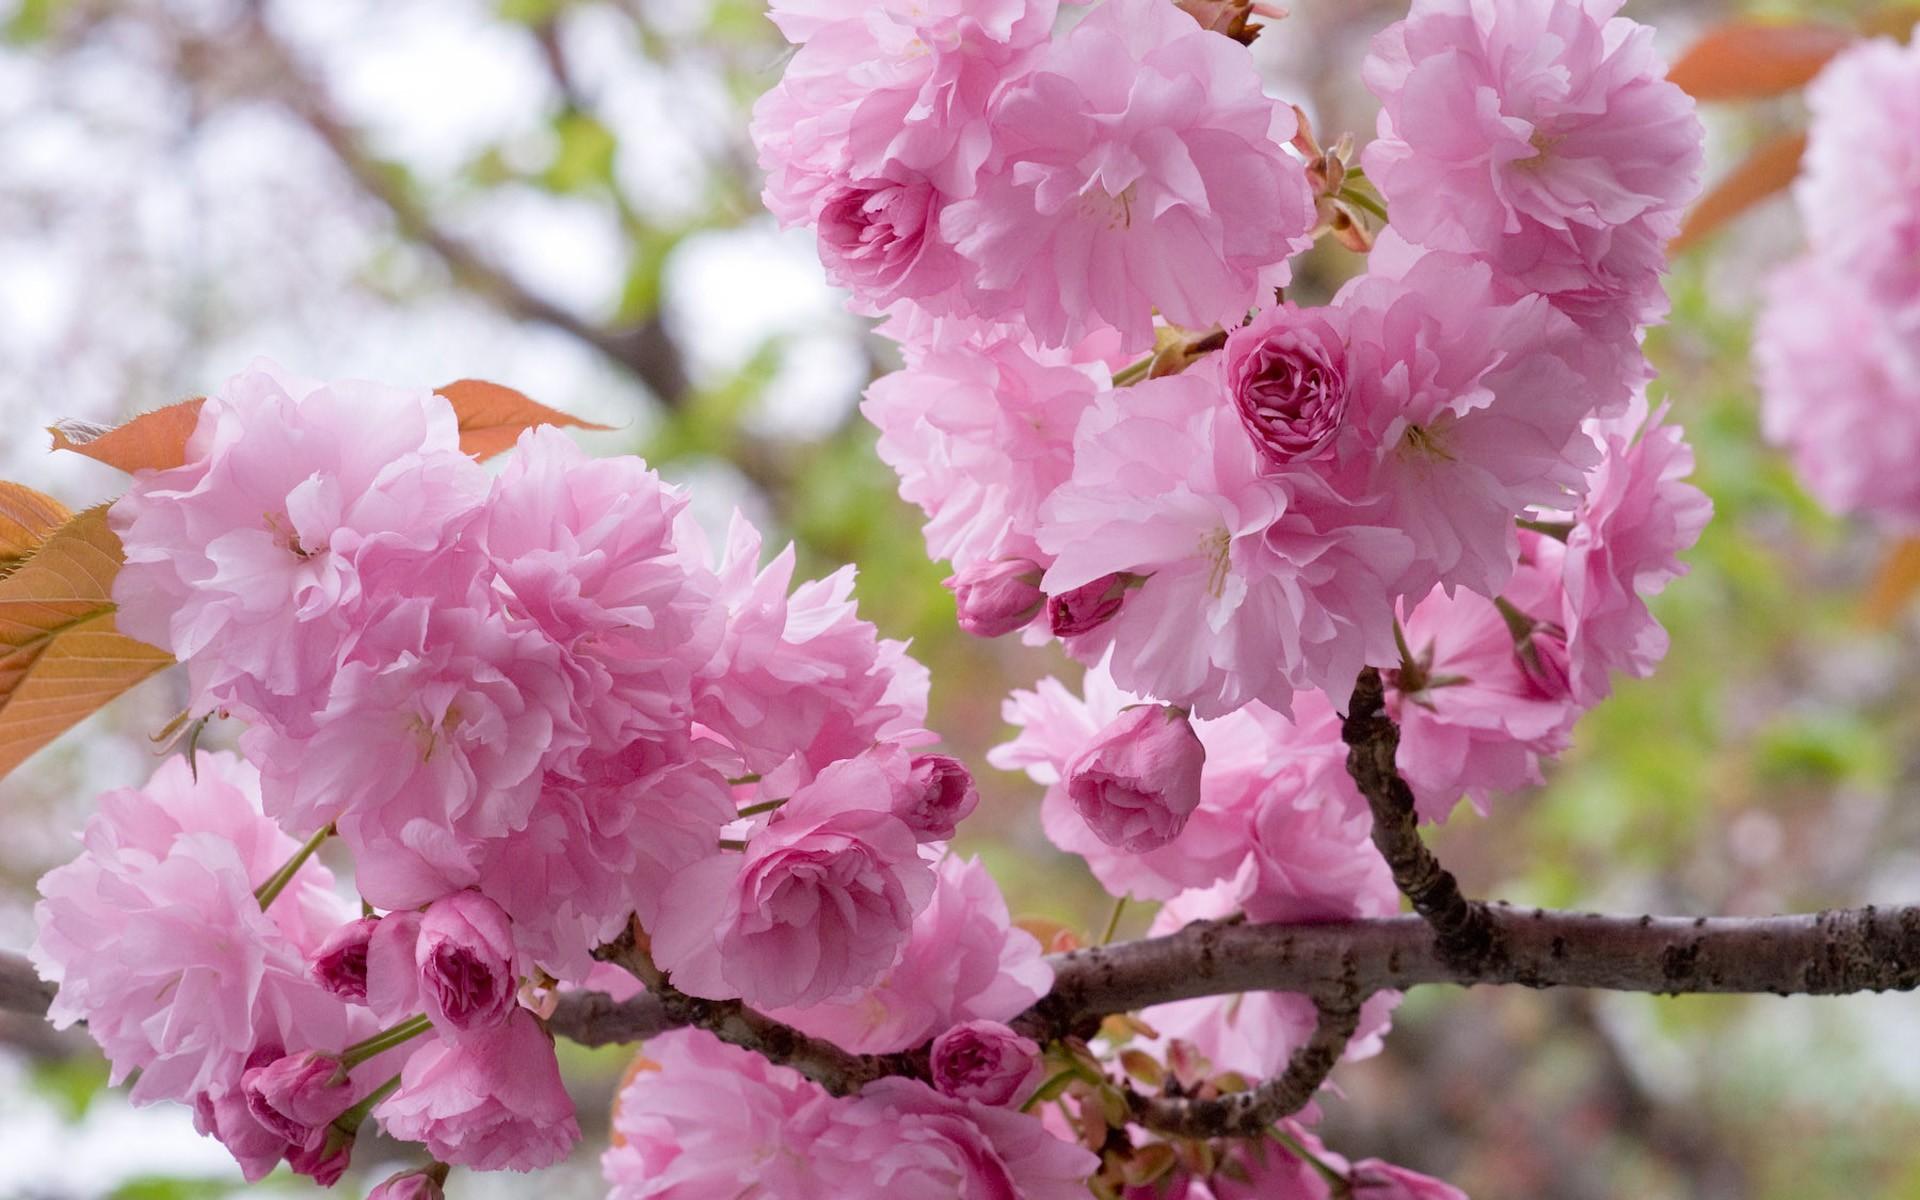 Ý nghĩa và sắc đẹp về loại hoa anh đào